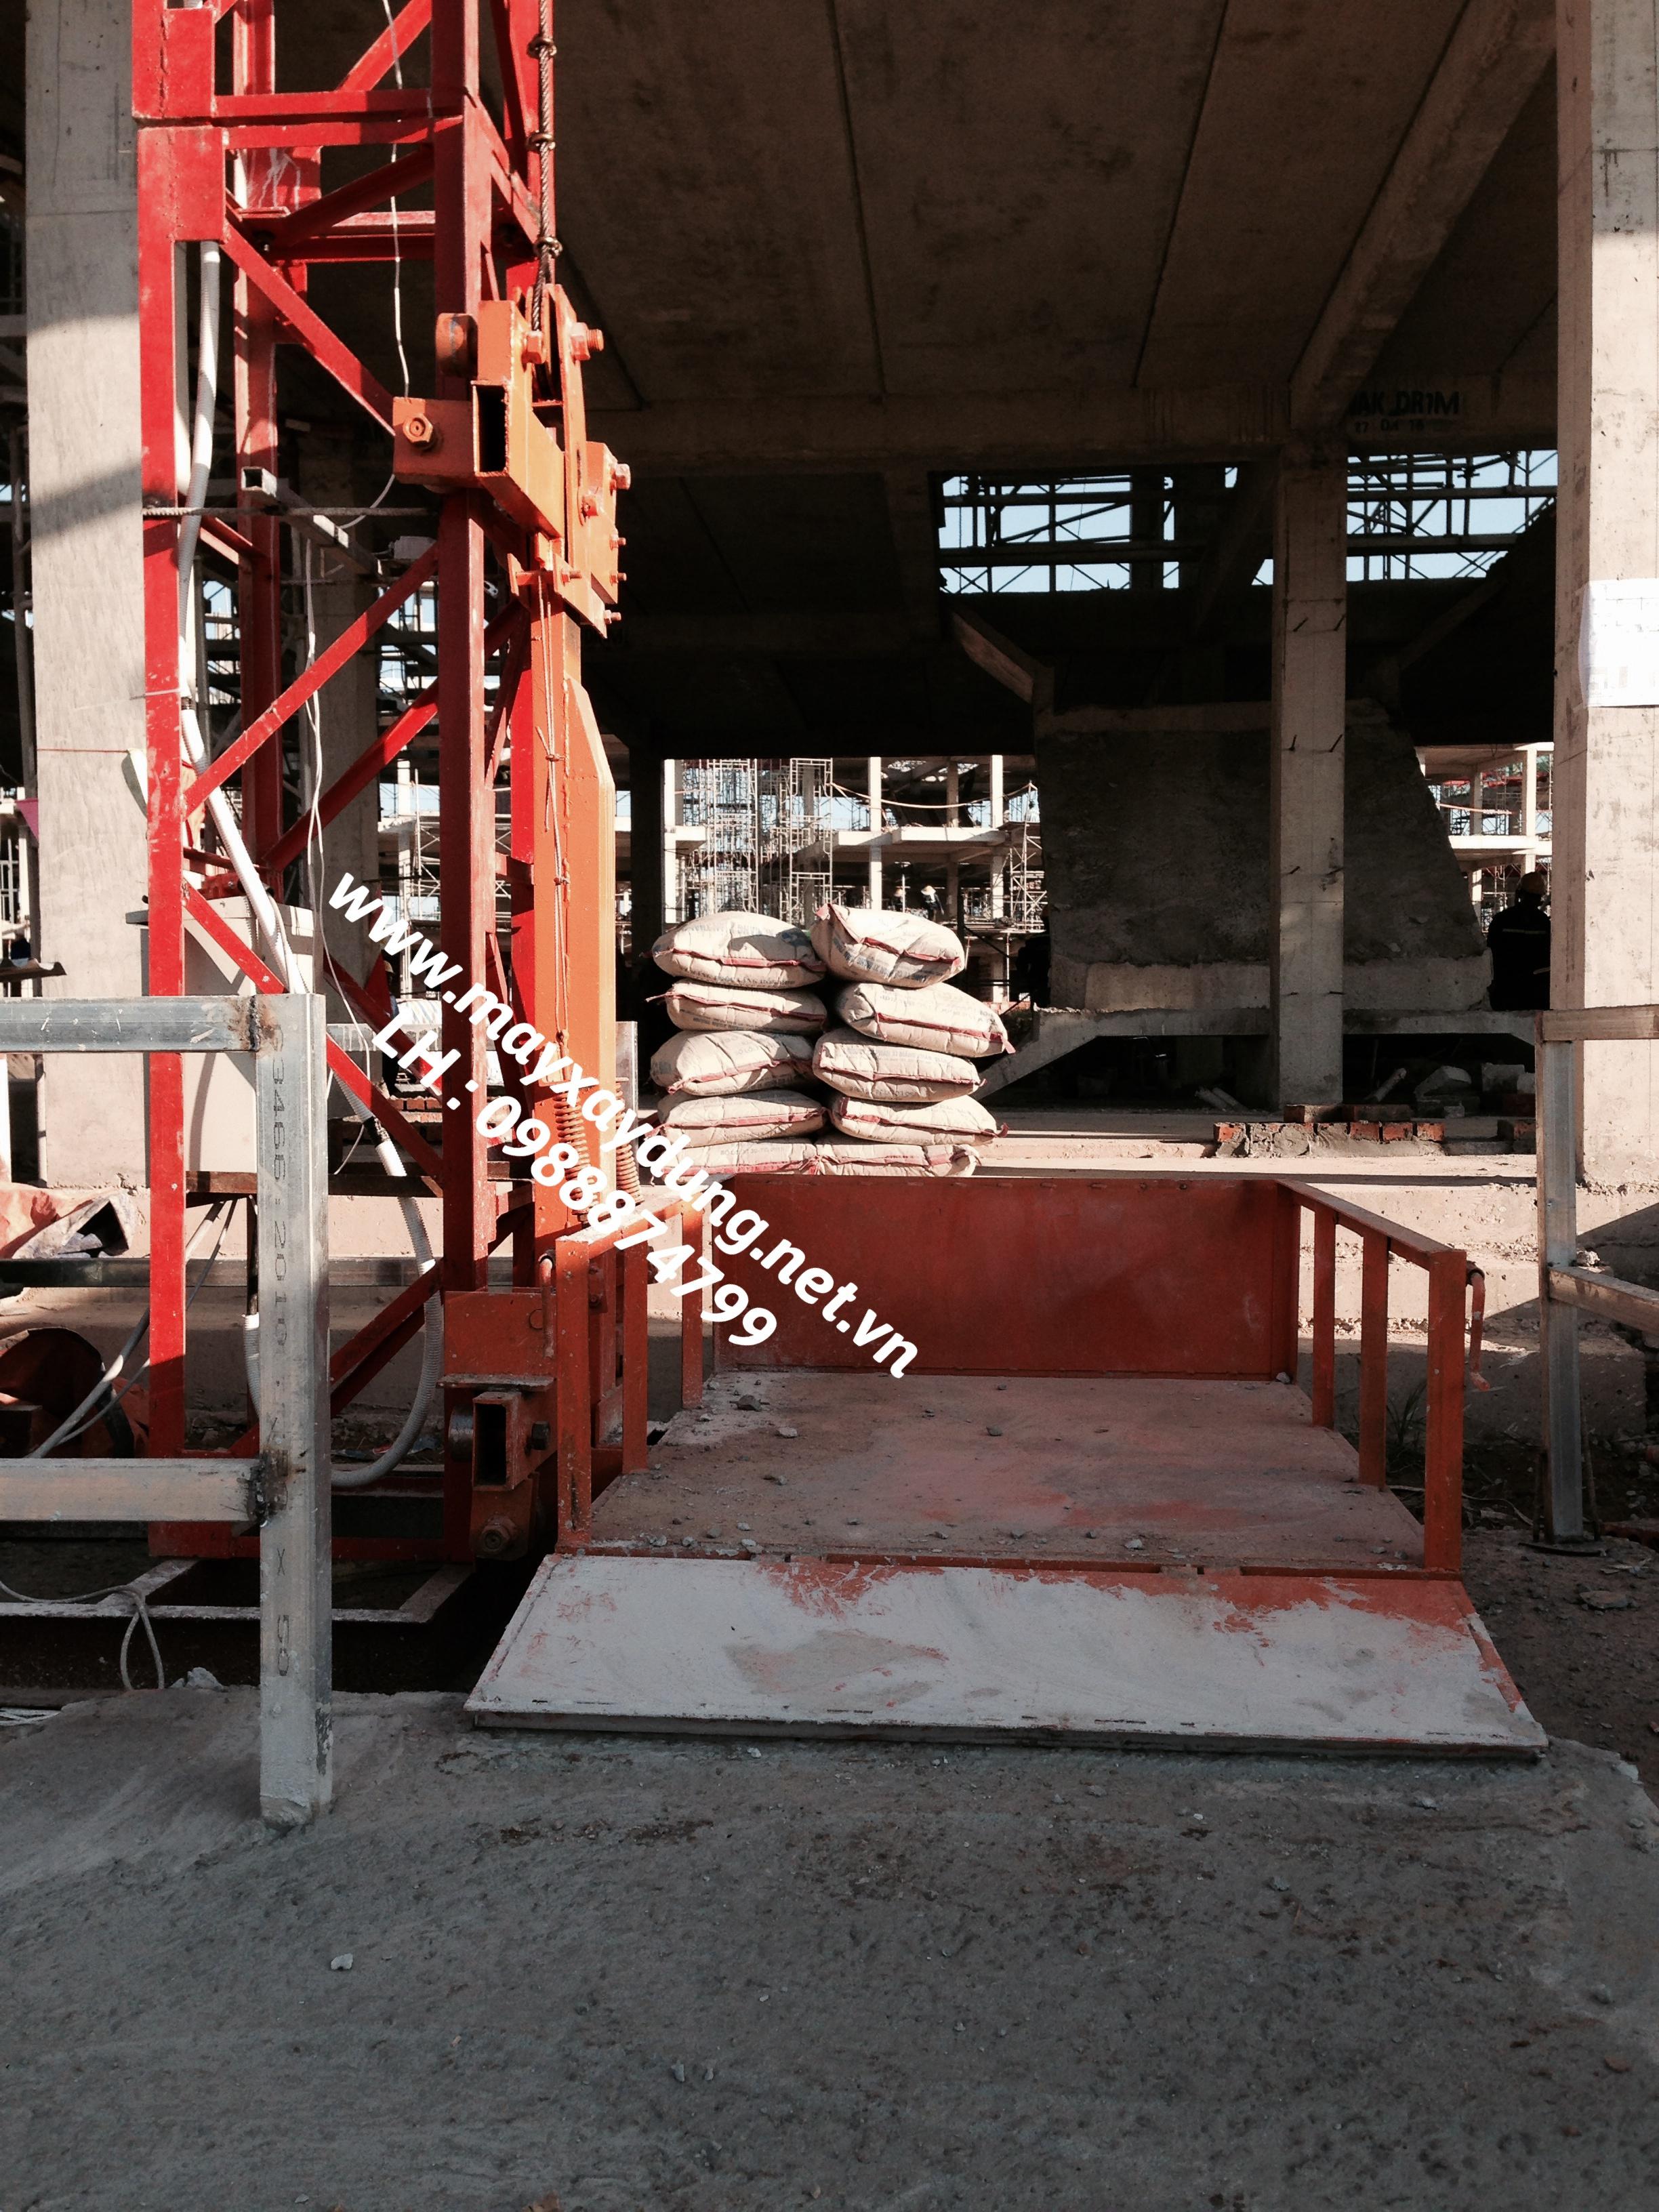 Máy cắt sắt, máy uốn sắt, máy trộn bê tông, vận thăng nâng hàng, tời kéo mặt đất, palang xich - hãng